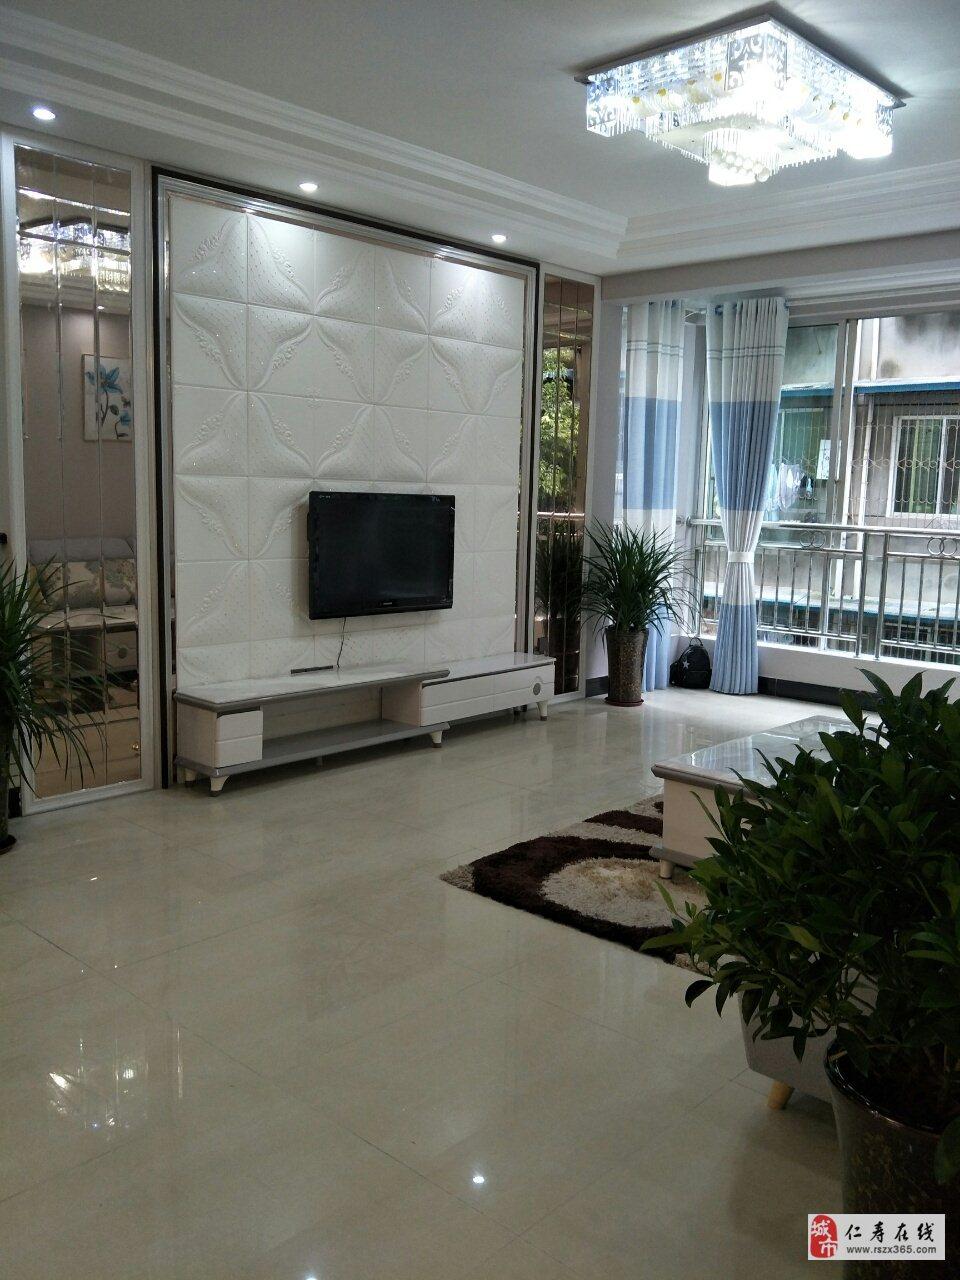 吉宏苑3室2厅2卫72.8万元黄金三楼错层双卫